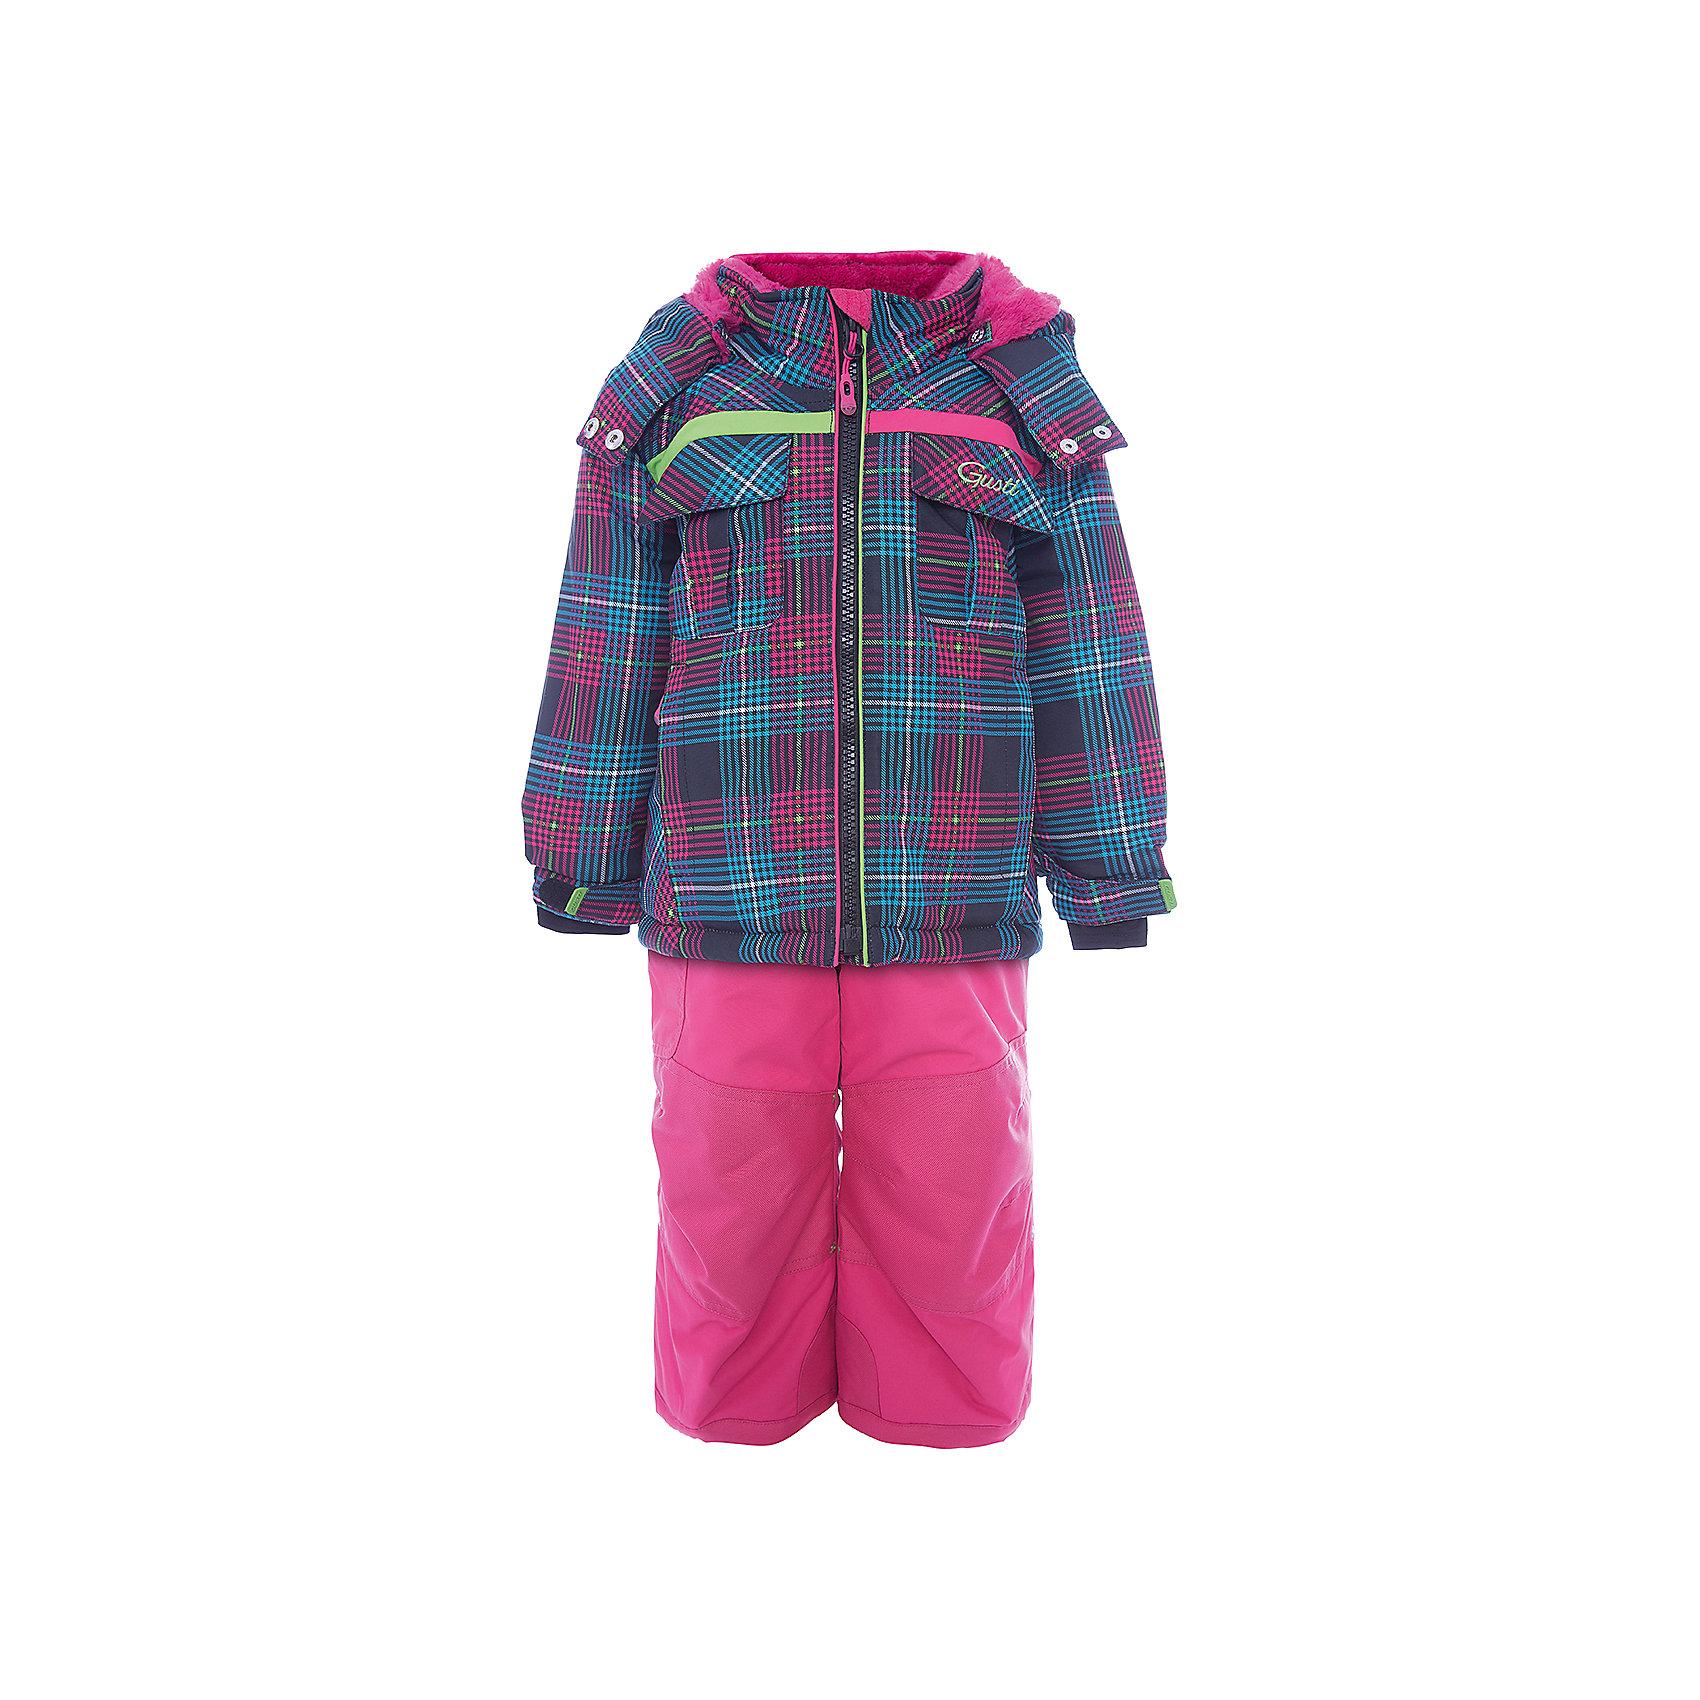 Комплект: куртка и полукомбинезон GUSTIКомплект: куртка и полукомбинезон GUSTI (ГУСТИ) – это идеальный вариант для суровой зимы с сильными морозами.<br><br>Температурный режим: до -30  градусов. Степень утепления – высокая. <br><br>* Температурный режим указан приблизительно — необходимо, прежде всего, ориентироваться на ощущения ребенка. Температурный режим работает в случае соблюдения правила многослойности – использования флисовой поддевы и термобелья.<br><br>Комплект от GUSTI (ГУСТИ) состоит из куртки и полукомбинезона, выполненных из плотного непромокаемого материала с защитной от влаги мембраной 5000 мм. Тань хорошо сохраняет тепло, отталкивает влагу и позволяет коже ребенка дышать. Утеплитель из тек-полифилла и флисовая внутренняя отделка на груди и на спинке дают возможность использовать комплект при очень низких температурах. Куртка застегивается на молнию, имеет два внешних кармана на молнии с внутренним карабином, два нагрудных кармана с клапаном на липучке, два внутренних кармана без застежки, воротник-стойку, снегозащитную юбку, трикотажные манжеты в рукавах, отстёгивающийся капюшон с подкладкой из искусственного меха. Низ рукавов регулируется с помощью липучек. Полукомбинезон застегивается на молнию, имеет накладной карман с клапаном на липучке, регулируемые лямки, снегозащитные гетры. Длина брючин регулируется (отворот с креплением на липе). Сзади, на коленях, и по низу брючин имеется дополнительный слой ткани Cordura Oxford (сверхстойкий полиэстер). До размера 6х (120 см) у полукомбинезона высокая грудка, в размерах 7 (122 см) - 14 (164см) отстегивающаяся спинка, грудки нет.<br><br>Дополнительная информация:<br><br>- Сезон: зима<br>- Пол: девочка<br>- Цвет: черный, розовый<br>- Температурный режим до -30 градусов<br>- Материал верха: куртка - shuss 5000мм (100% полиэстер); брюки - taslan 5000мм, накладки Cordura Oxford сзади, на коленях, и по низу брючин<br>- Наполнитель: куртка - тек-полифилл плотностью 283 гр/м (10 унций) 100% полиэстер; брюки - те